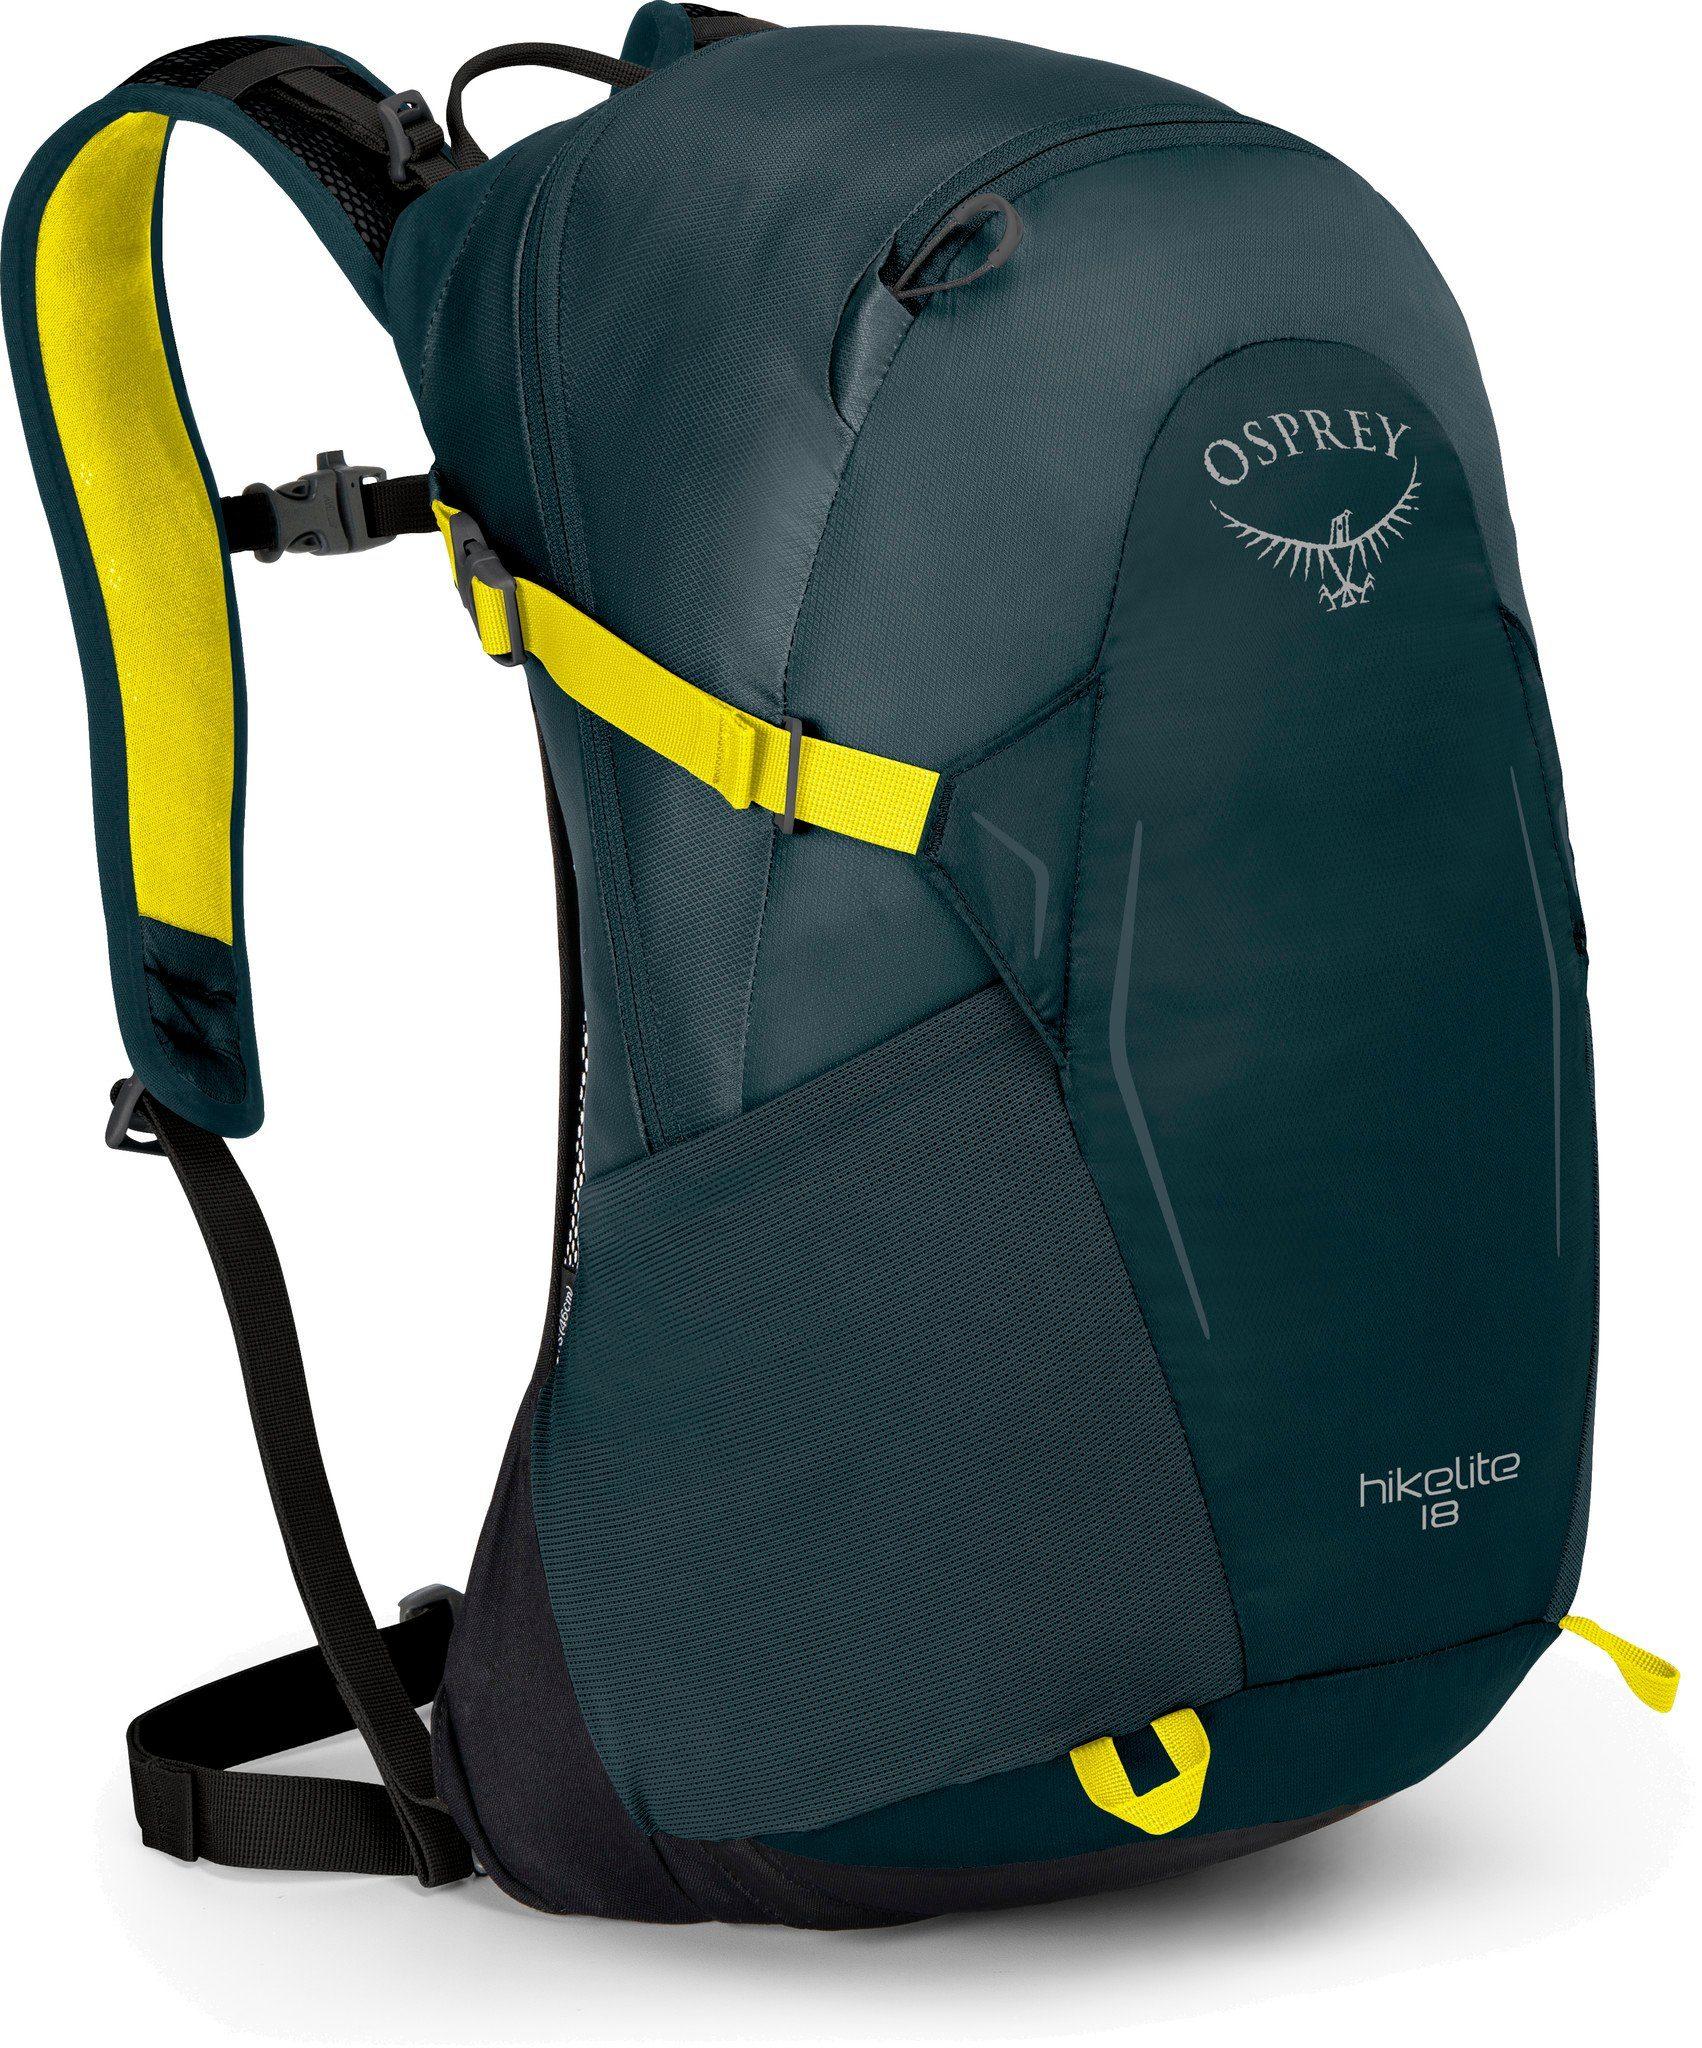 Osprey Wanderrucksack »Hikelite 18 Backpack«